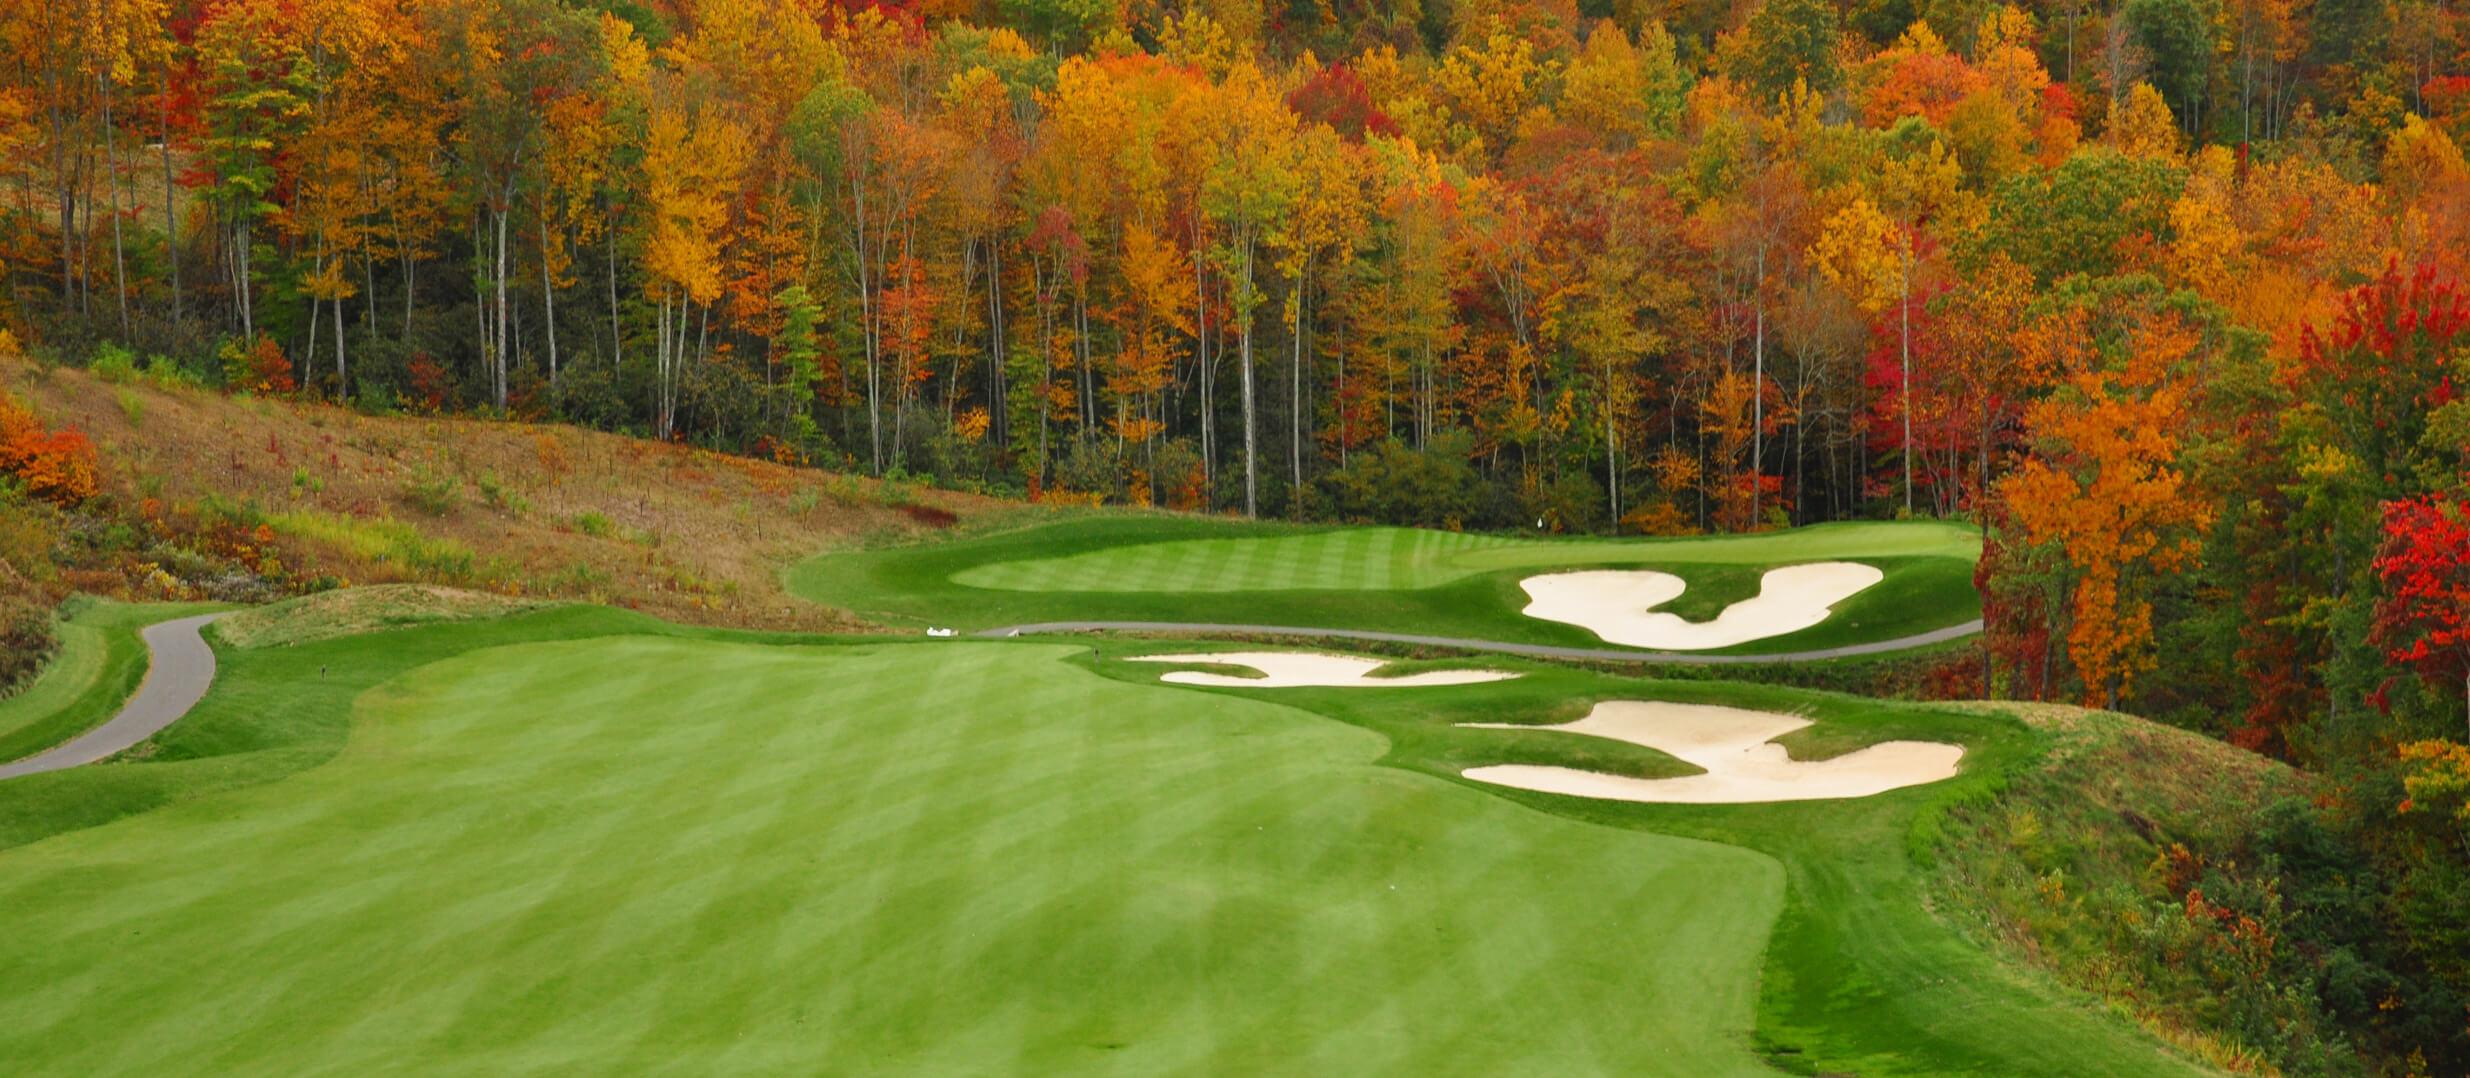 Golf Course Slider Image